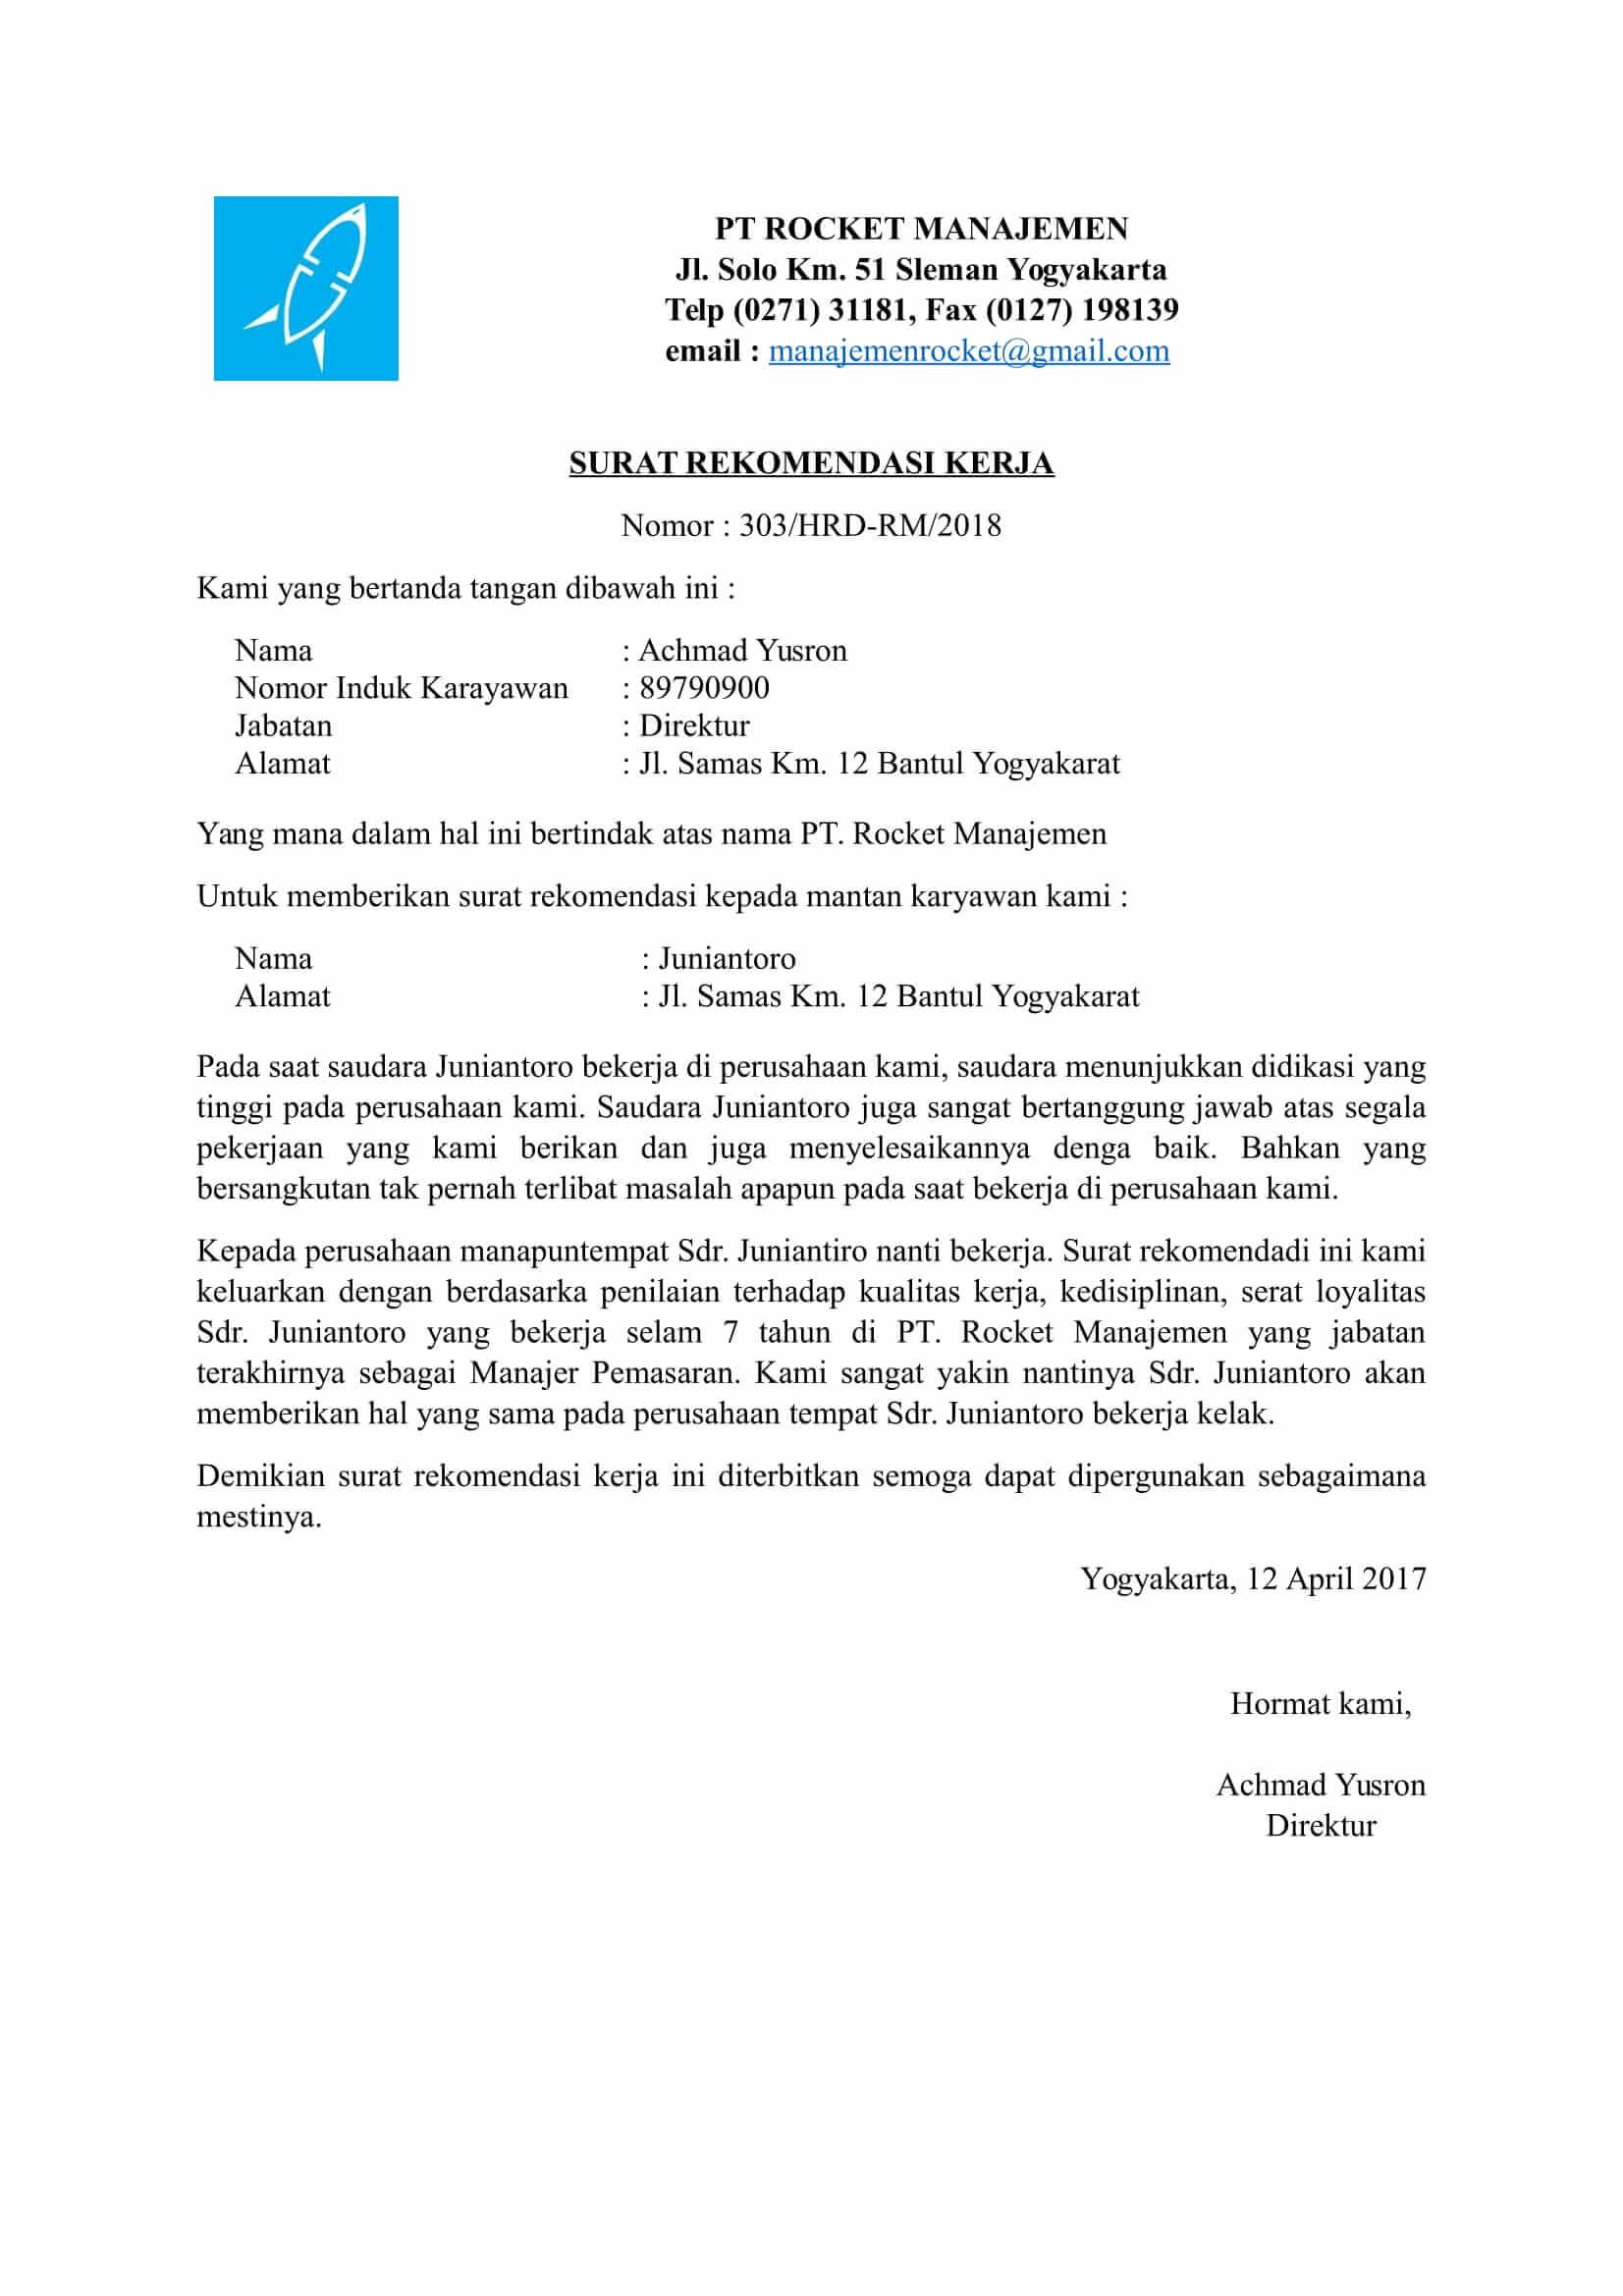 Contoh Surat Rekomendasi Kerja Dari Perusahaan